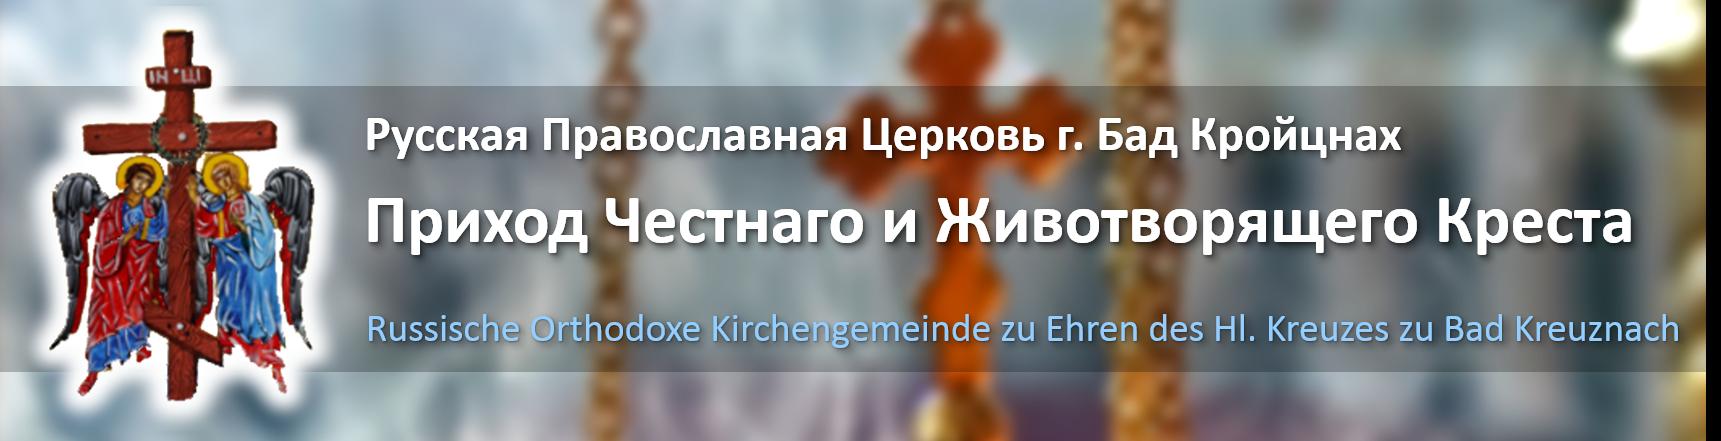 Русская Православная Церковь Бад Кройцнах